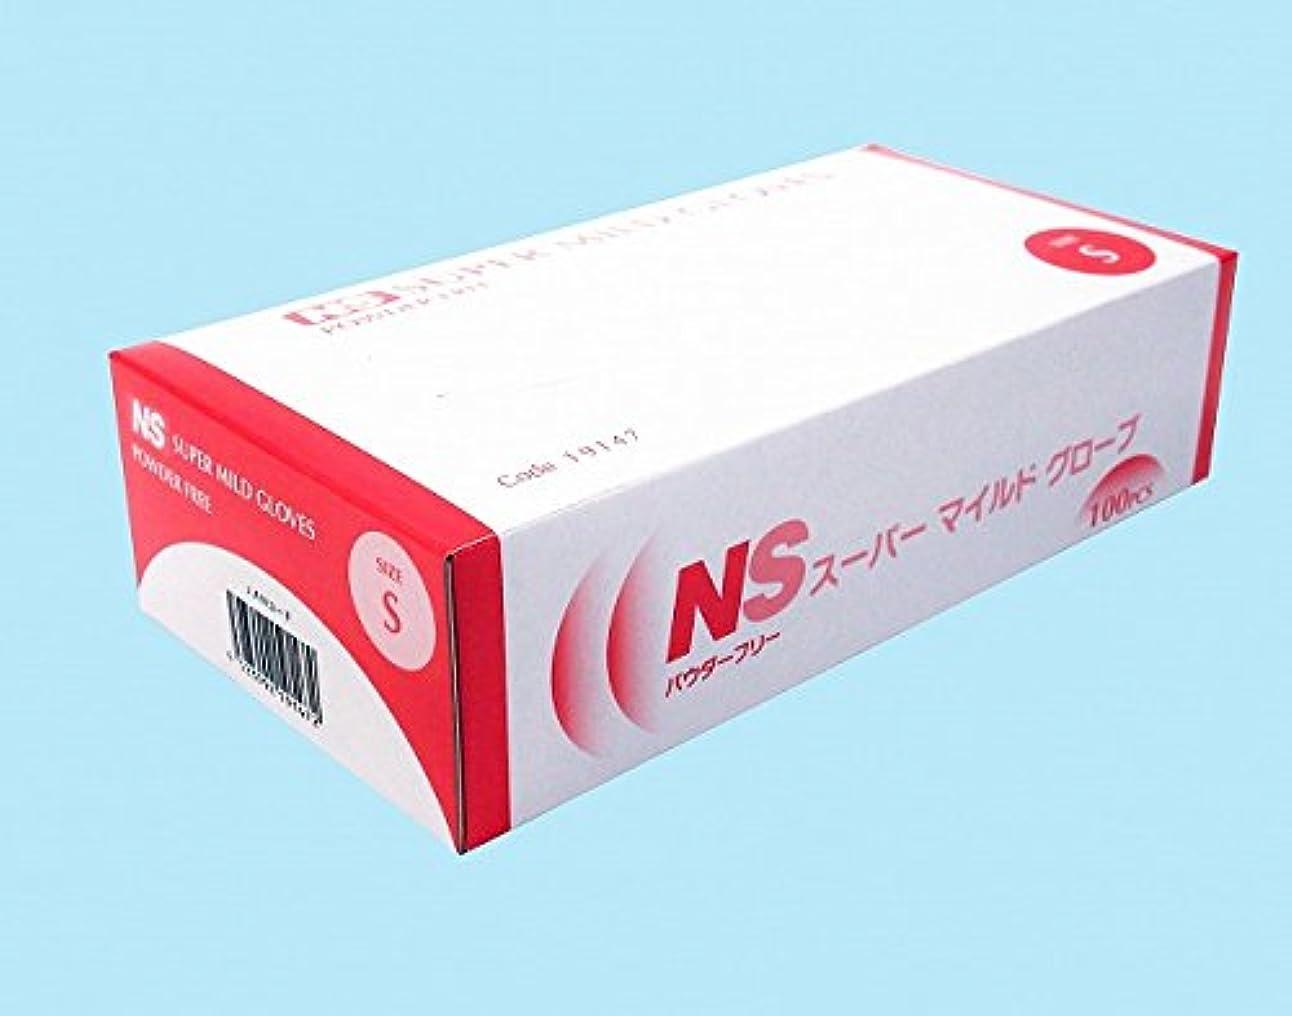 安全なアルファベット統合【日昭産業】NS スーパーマイルド プラスチック手袋 パウダーフリー S 100枚*20箱入り (ケース販売)